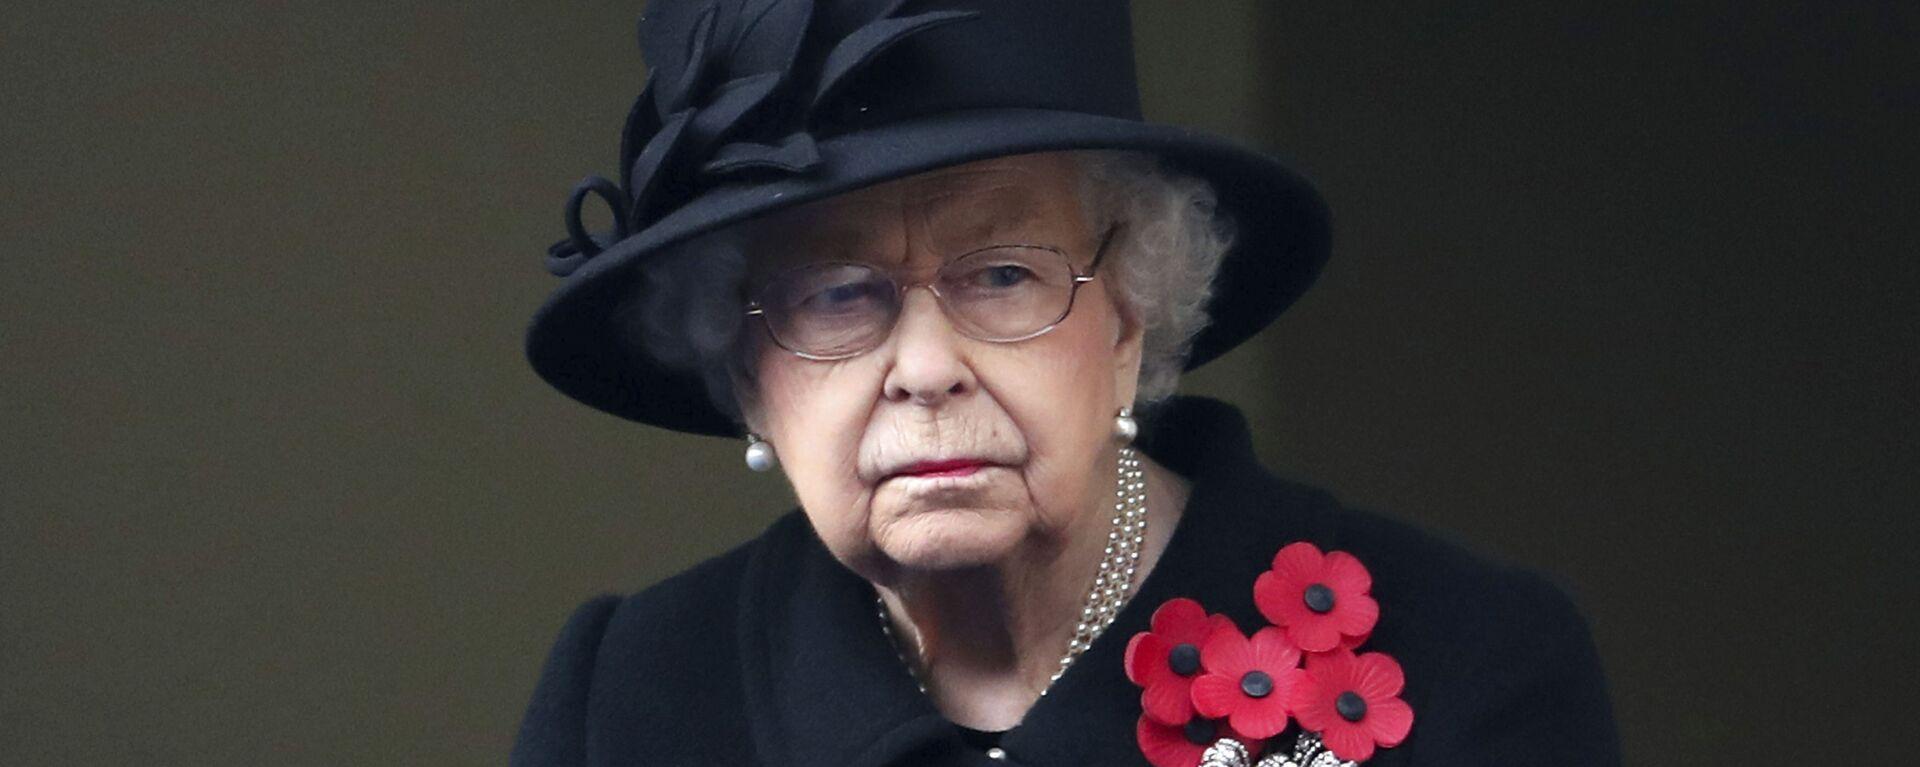 La reina Isabel II durante la ceremonia del Día del Recuerdo 2020 - Sputnik Mundo, 1920, 06.03.2021